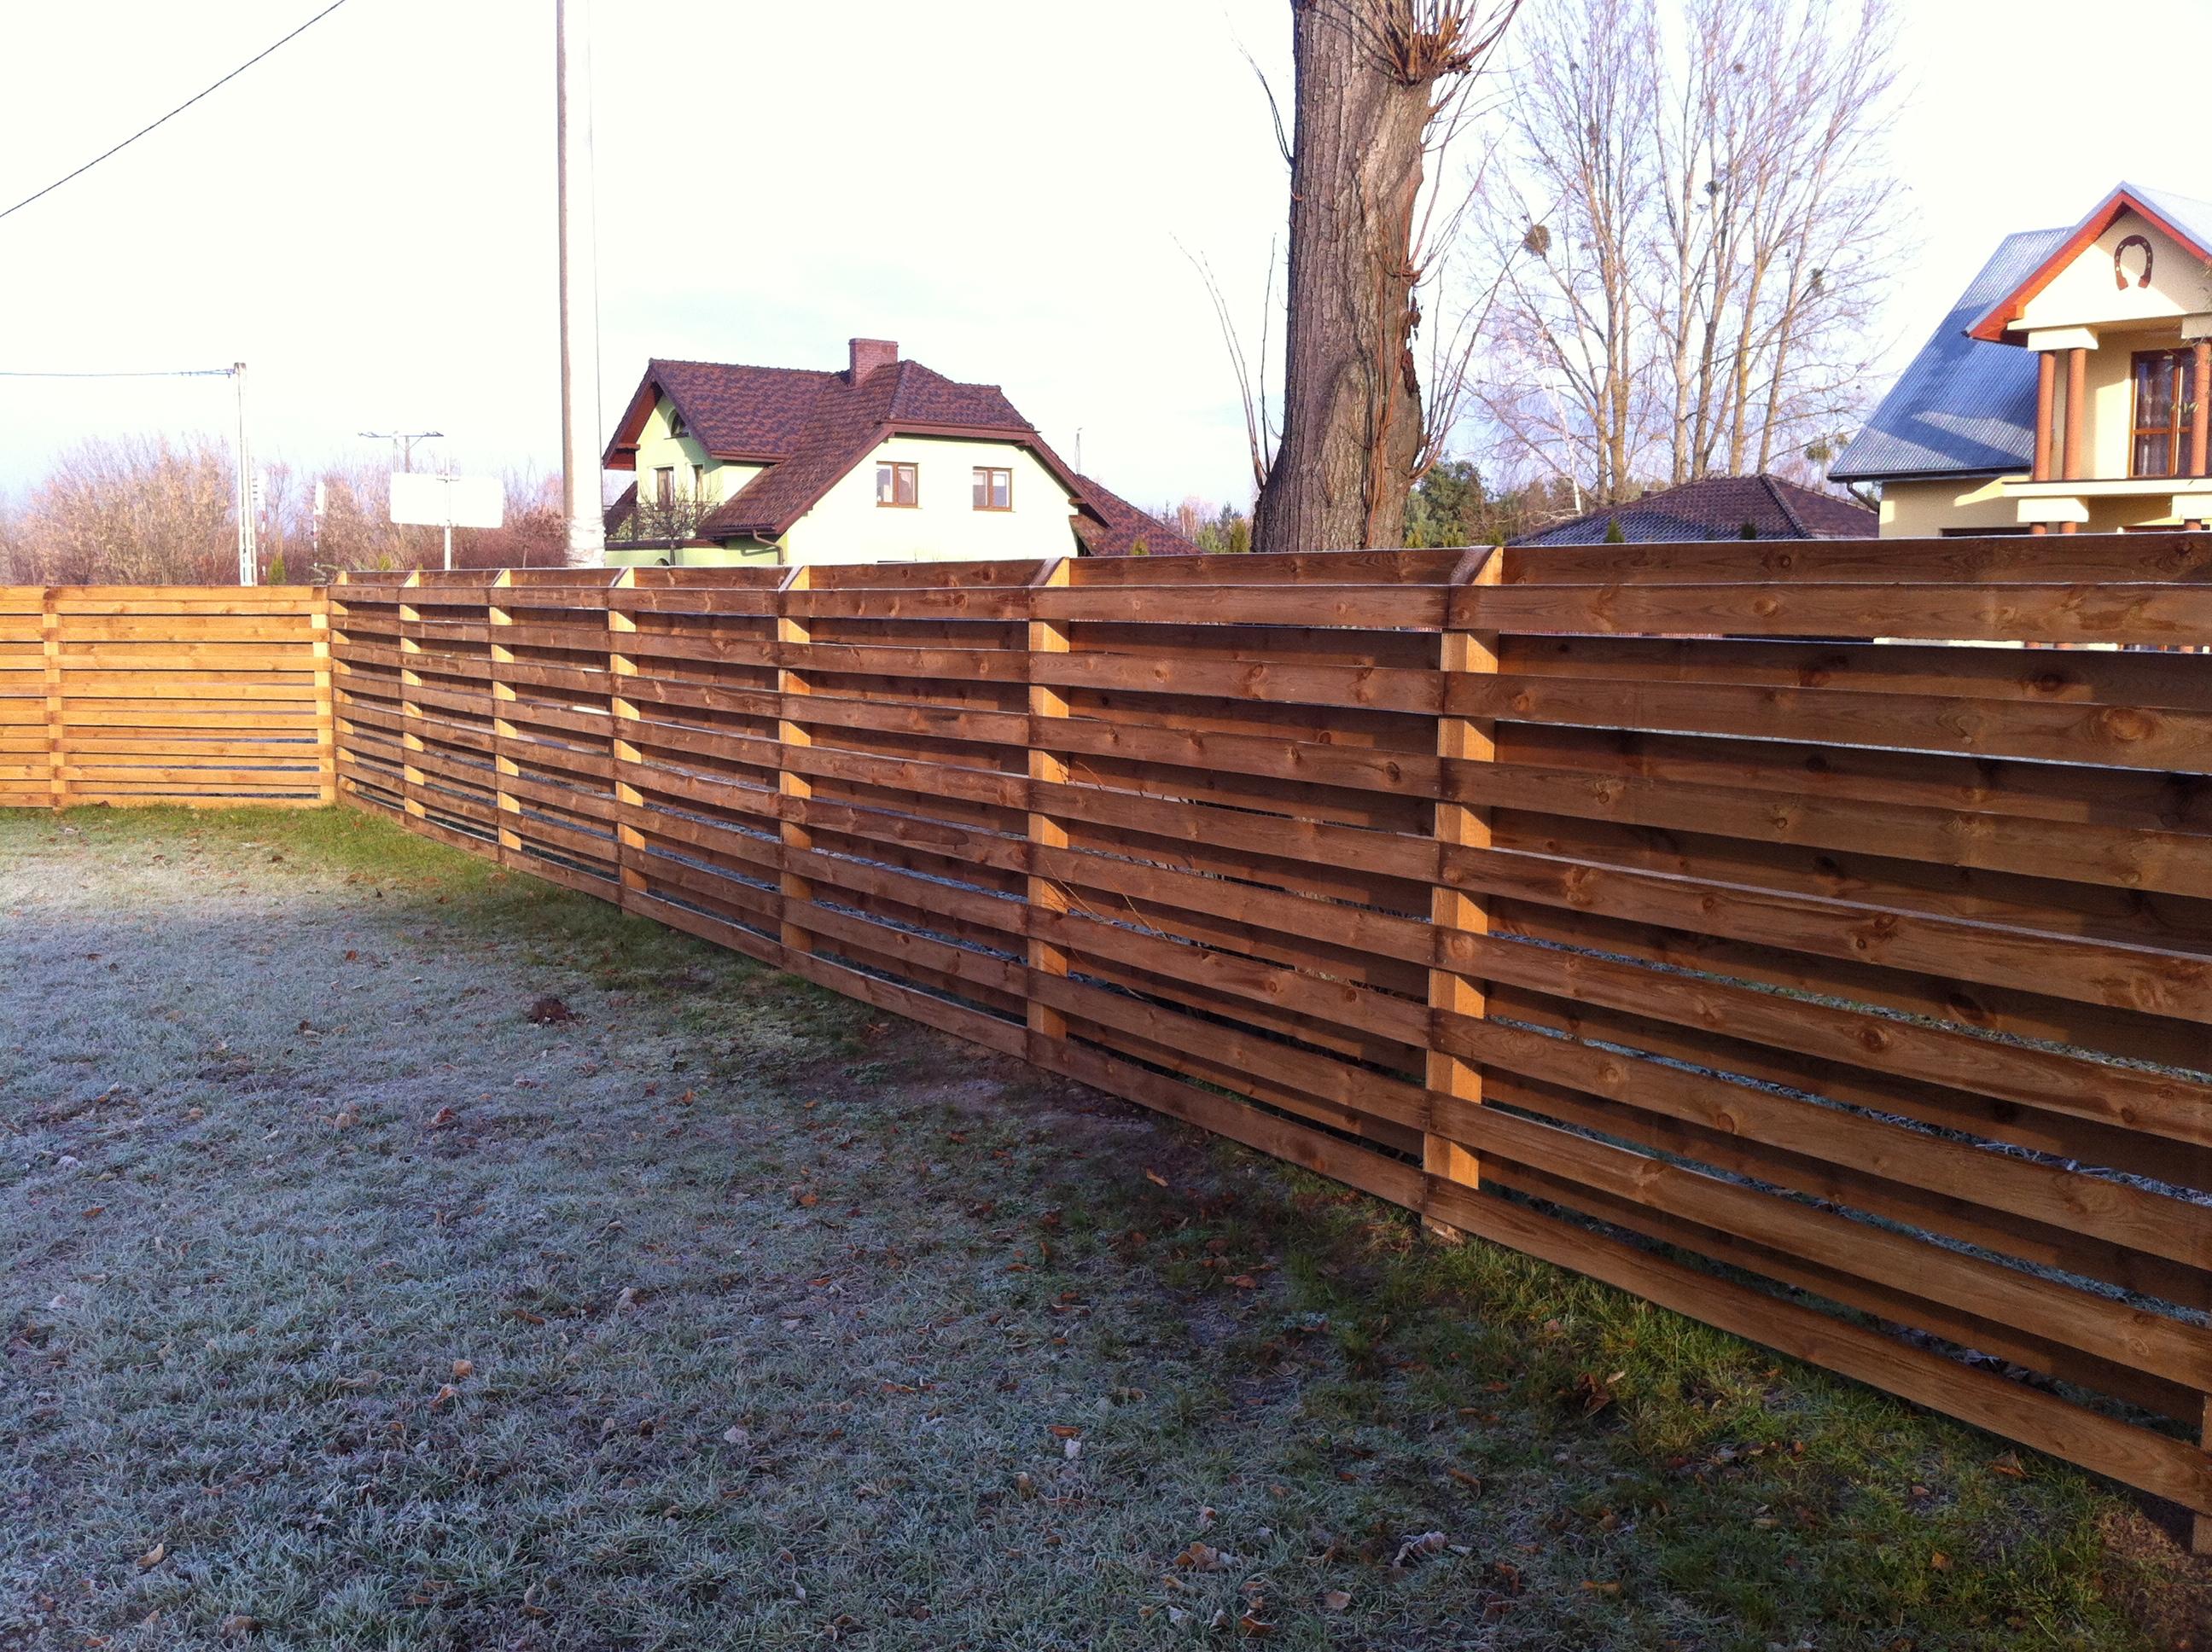 Traitement bois exterieur classe 4 for Bois exterieur autoclave